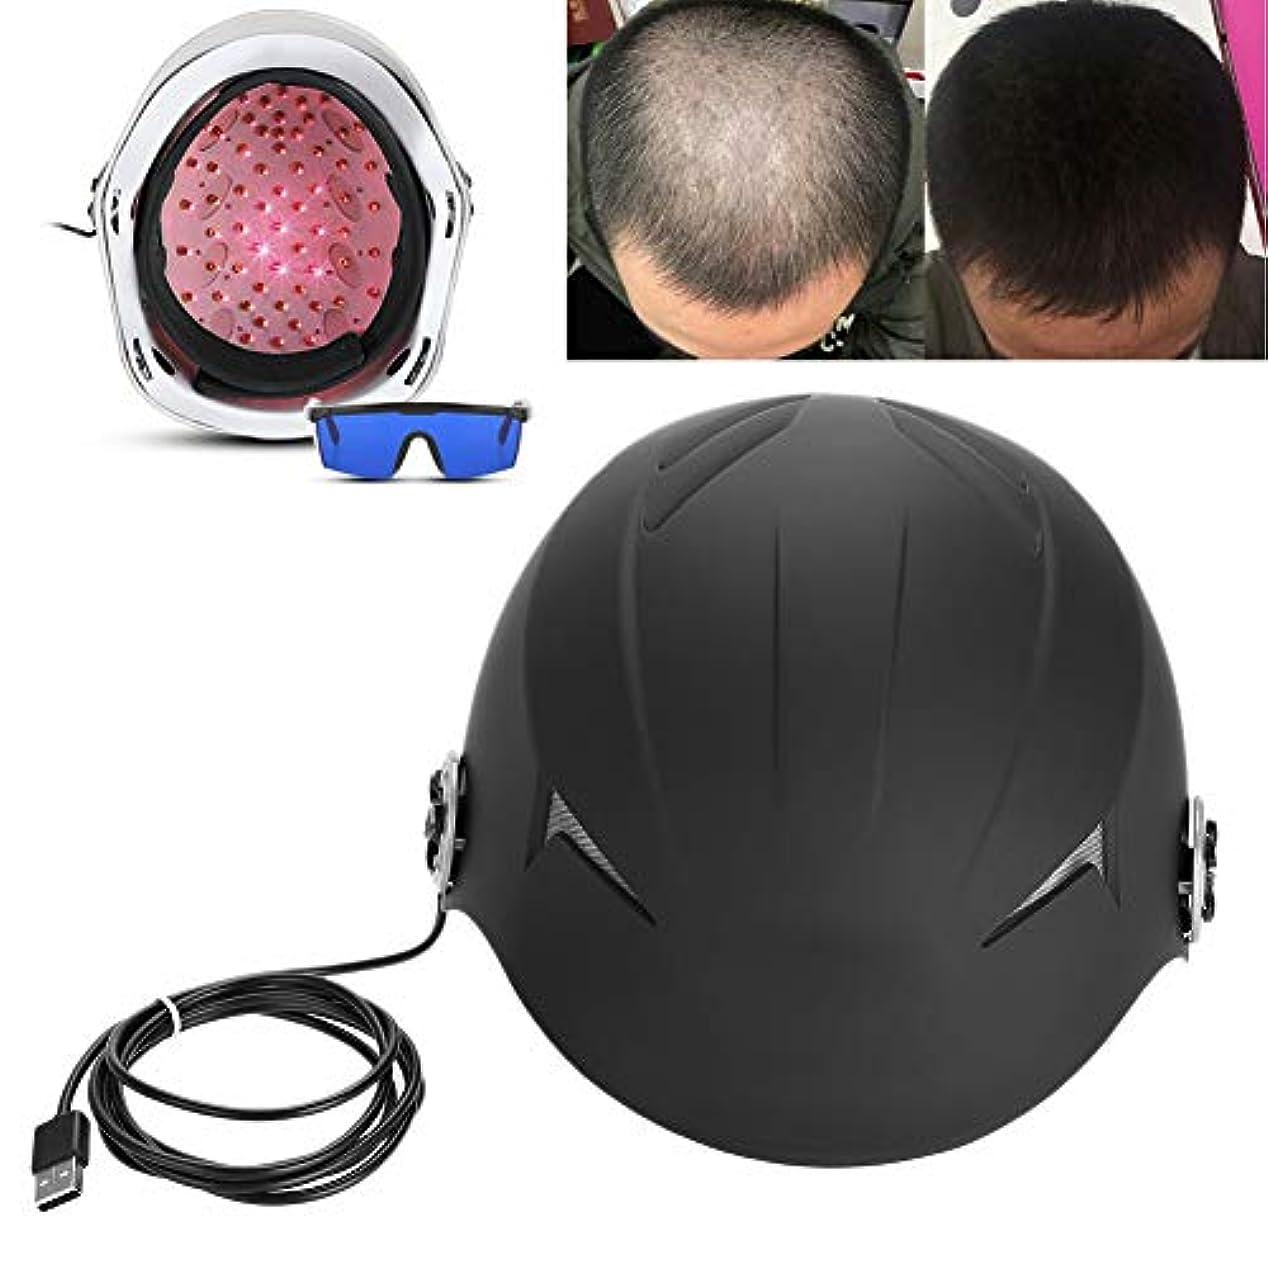 敷居楽しいシンプルさヘアーレーザー育毛ヘルメット 68ダイオード育毛ヘルメット、速い成長治療のための赤外線育毛帽子そして抜け毛の問題を解決